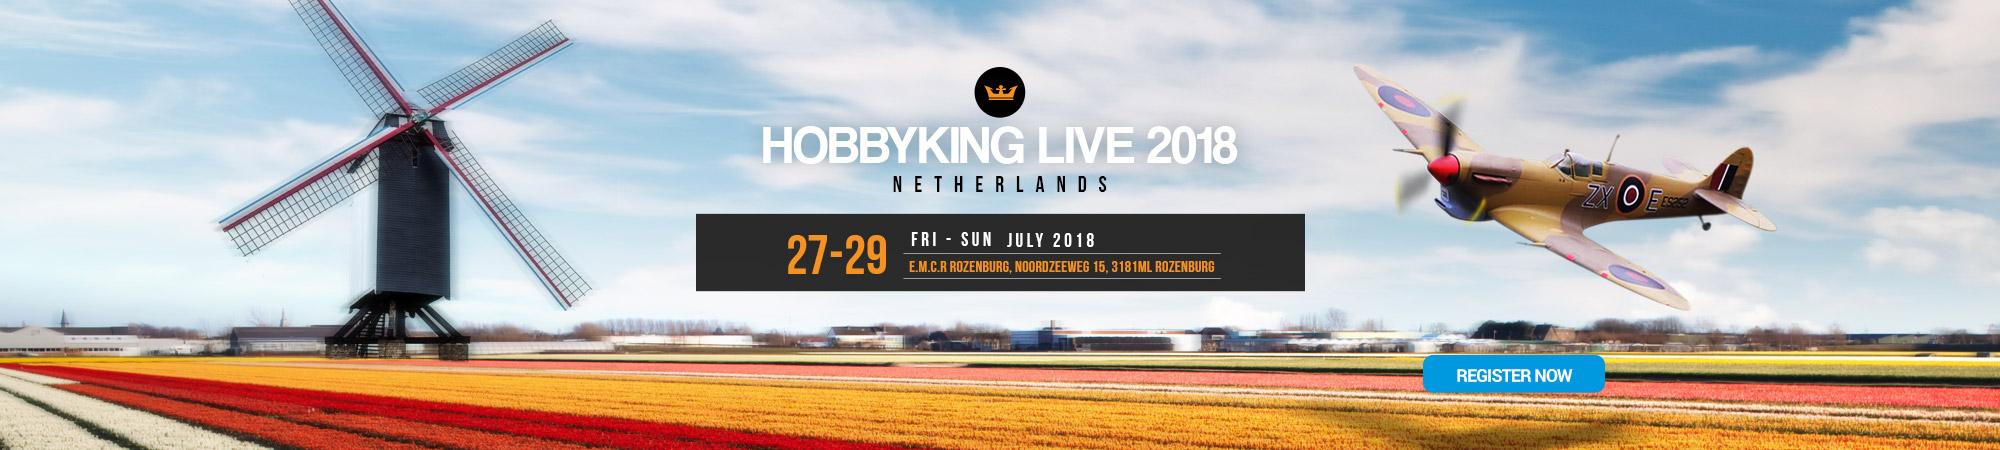 HK LIVE NL